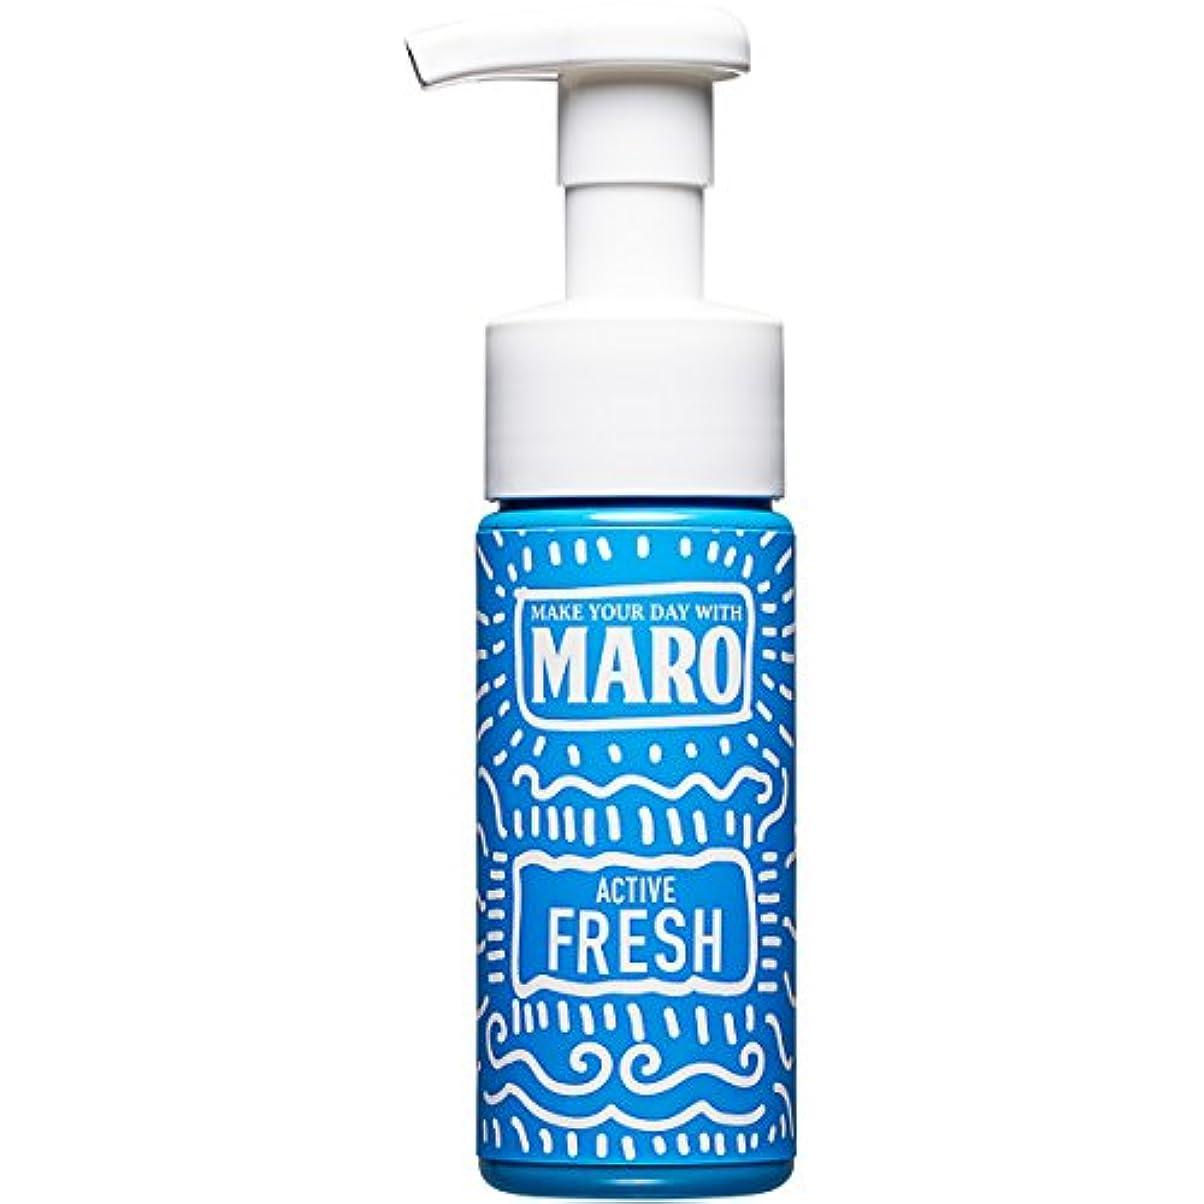 貸し手抜け目のないの慈悲でMARO グルーヴィー 泡洗顔 アクティブフレッシュ 150ml